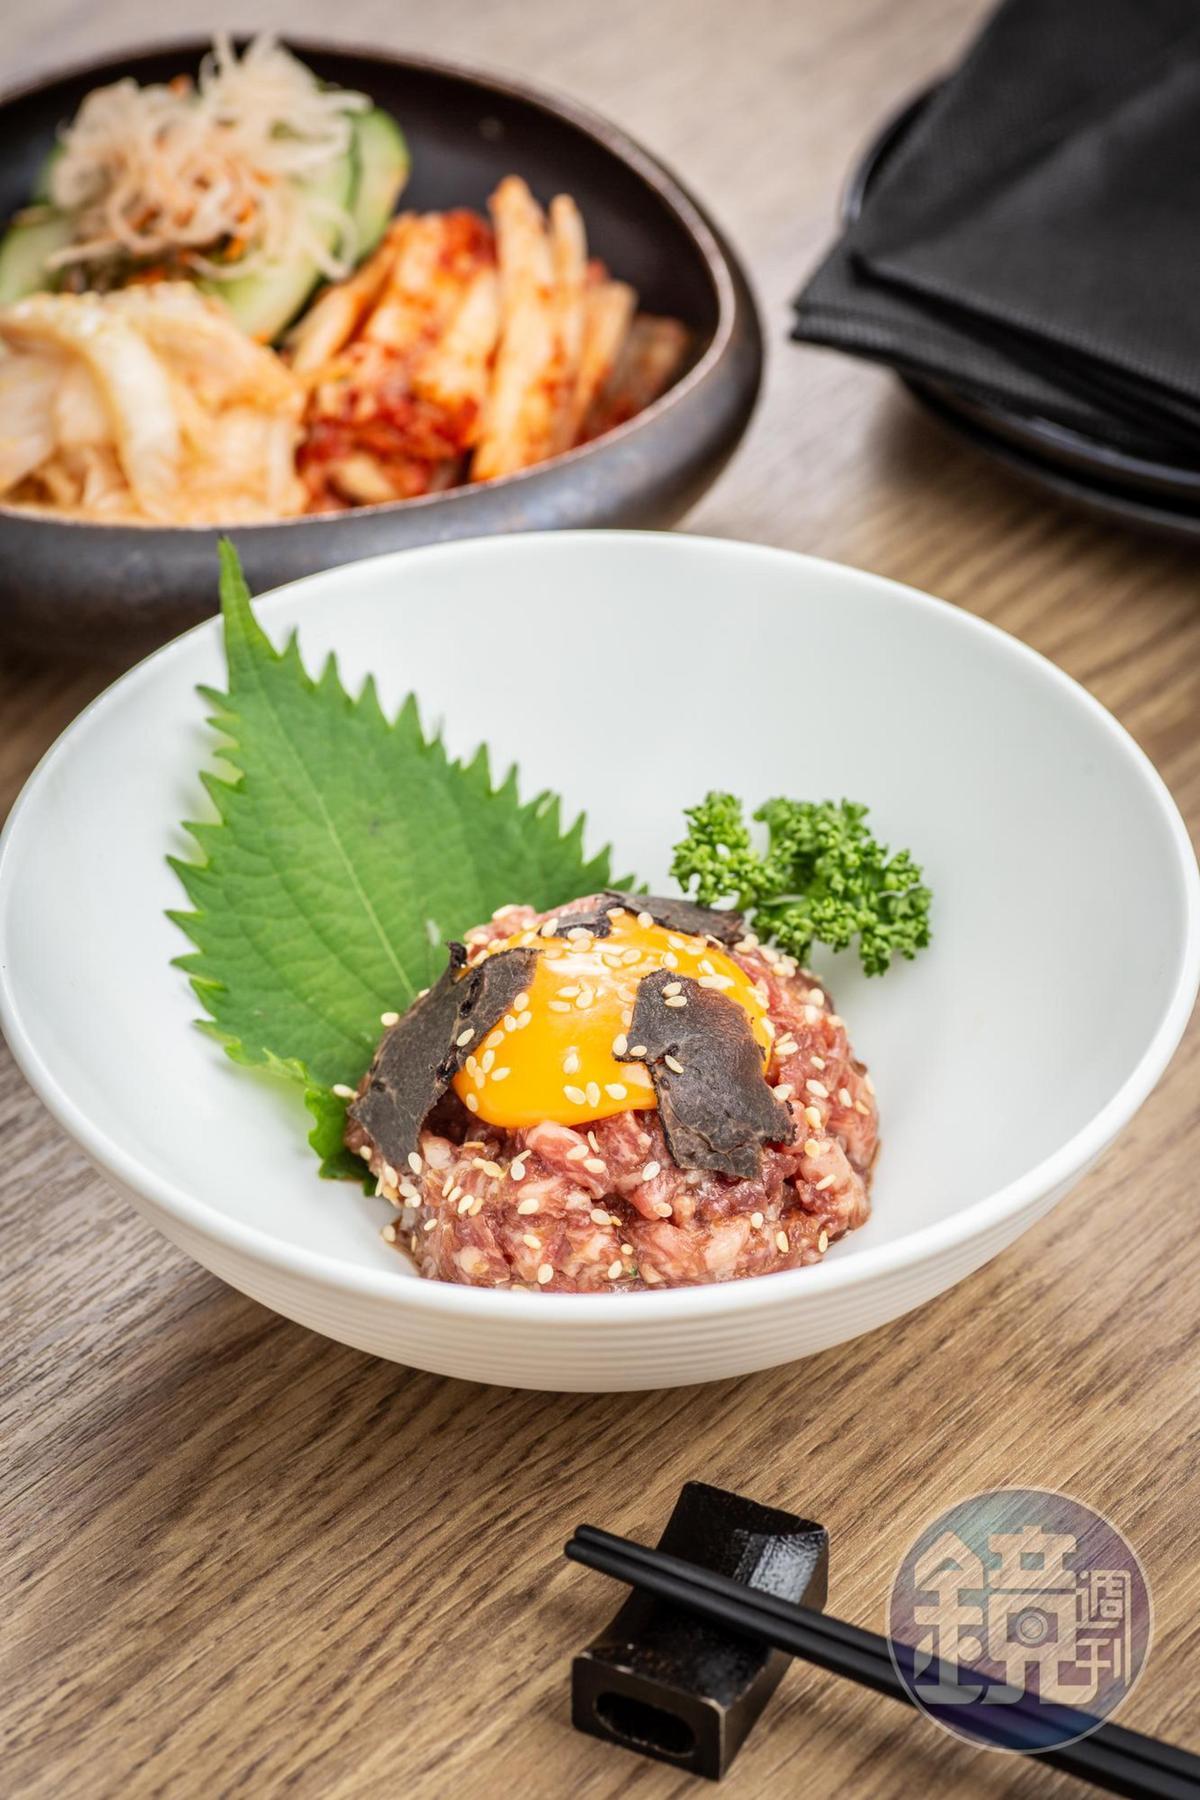 「日本頂級霜降和牛腰肉生拌松露」有松露馨香和蛋黃順滑,東西合璧。(620元/份)